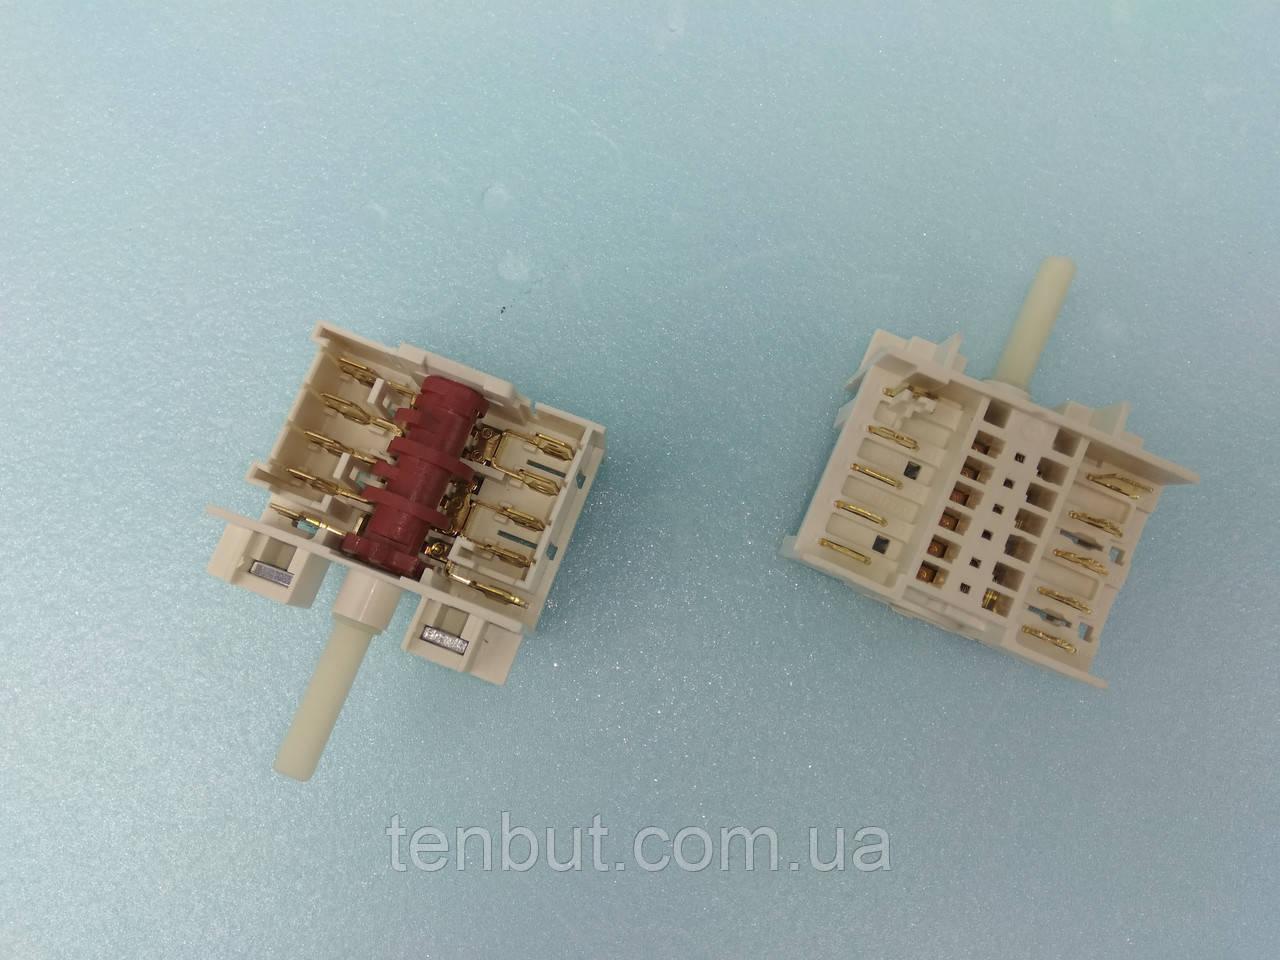 Переключатель ПМ-066 ( 5НЕ/066 ) / 7-ми позиционный на электроплиты